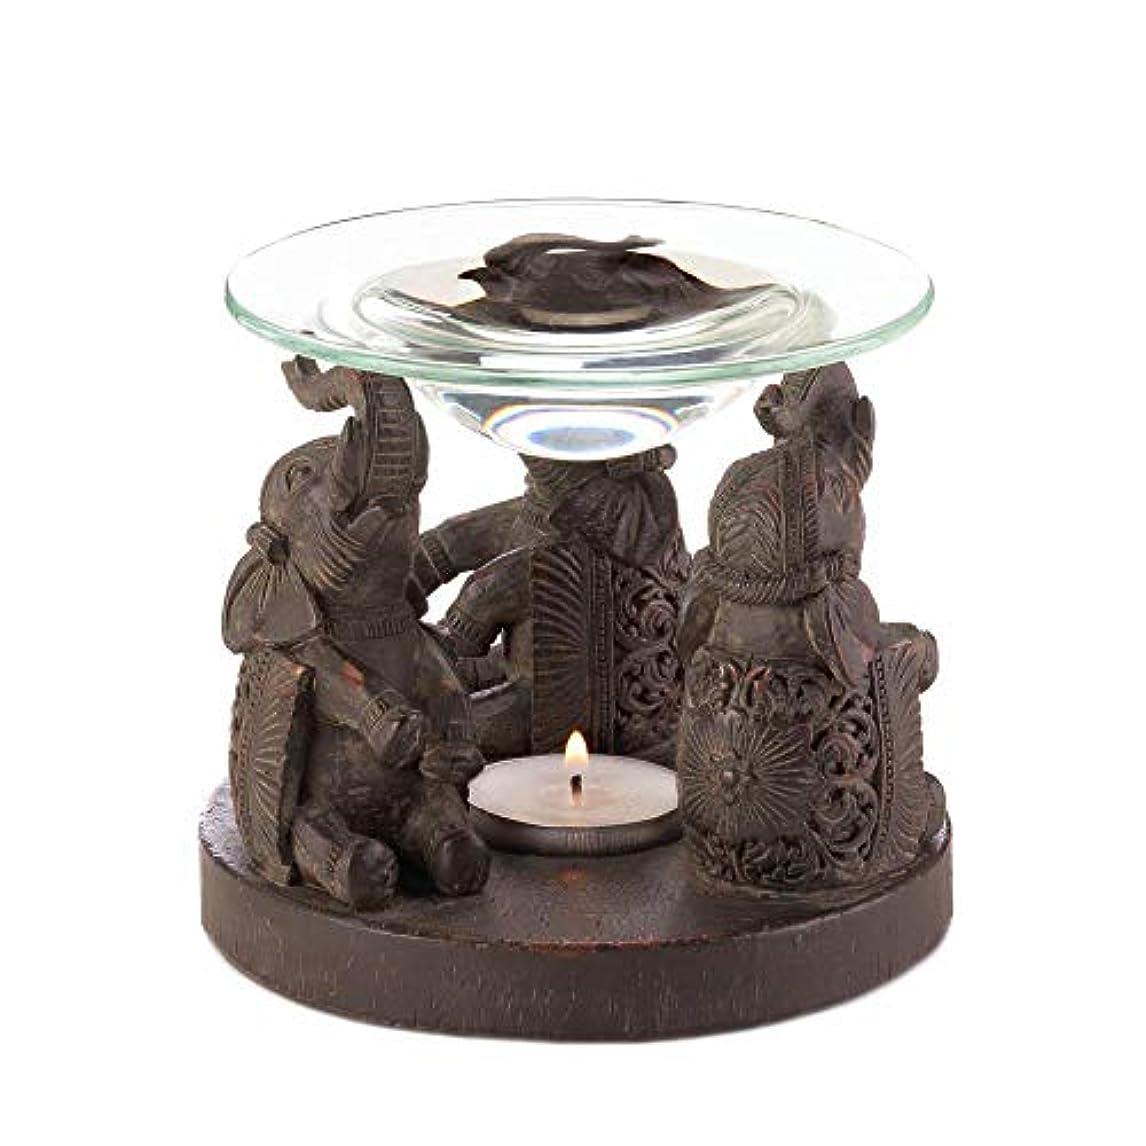 情熱的縫う忍耐Anya Nana ギフト 彫刻された象の像 キャンドル タルトワックスウォーマー バーナー ディフューザー アロマセラピー